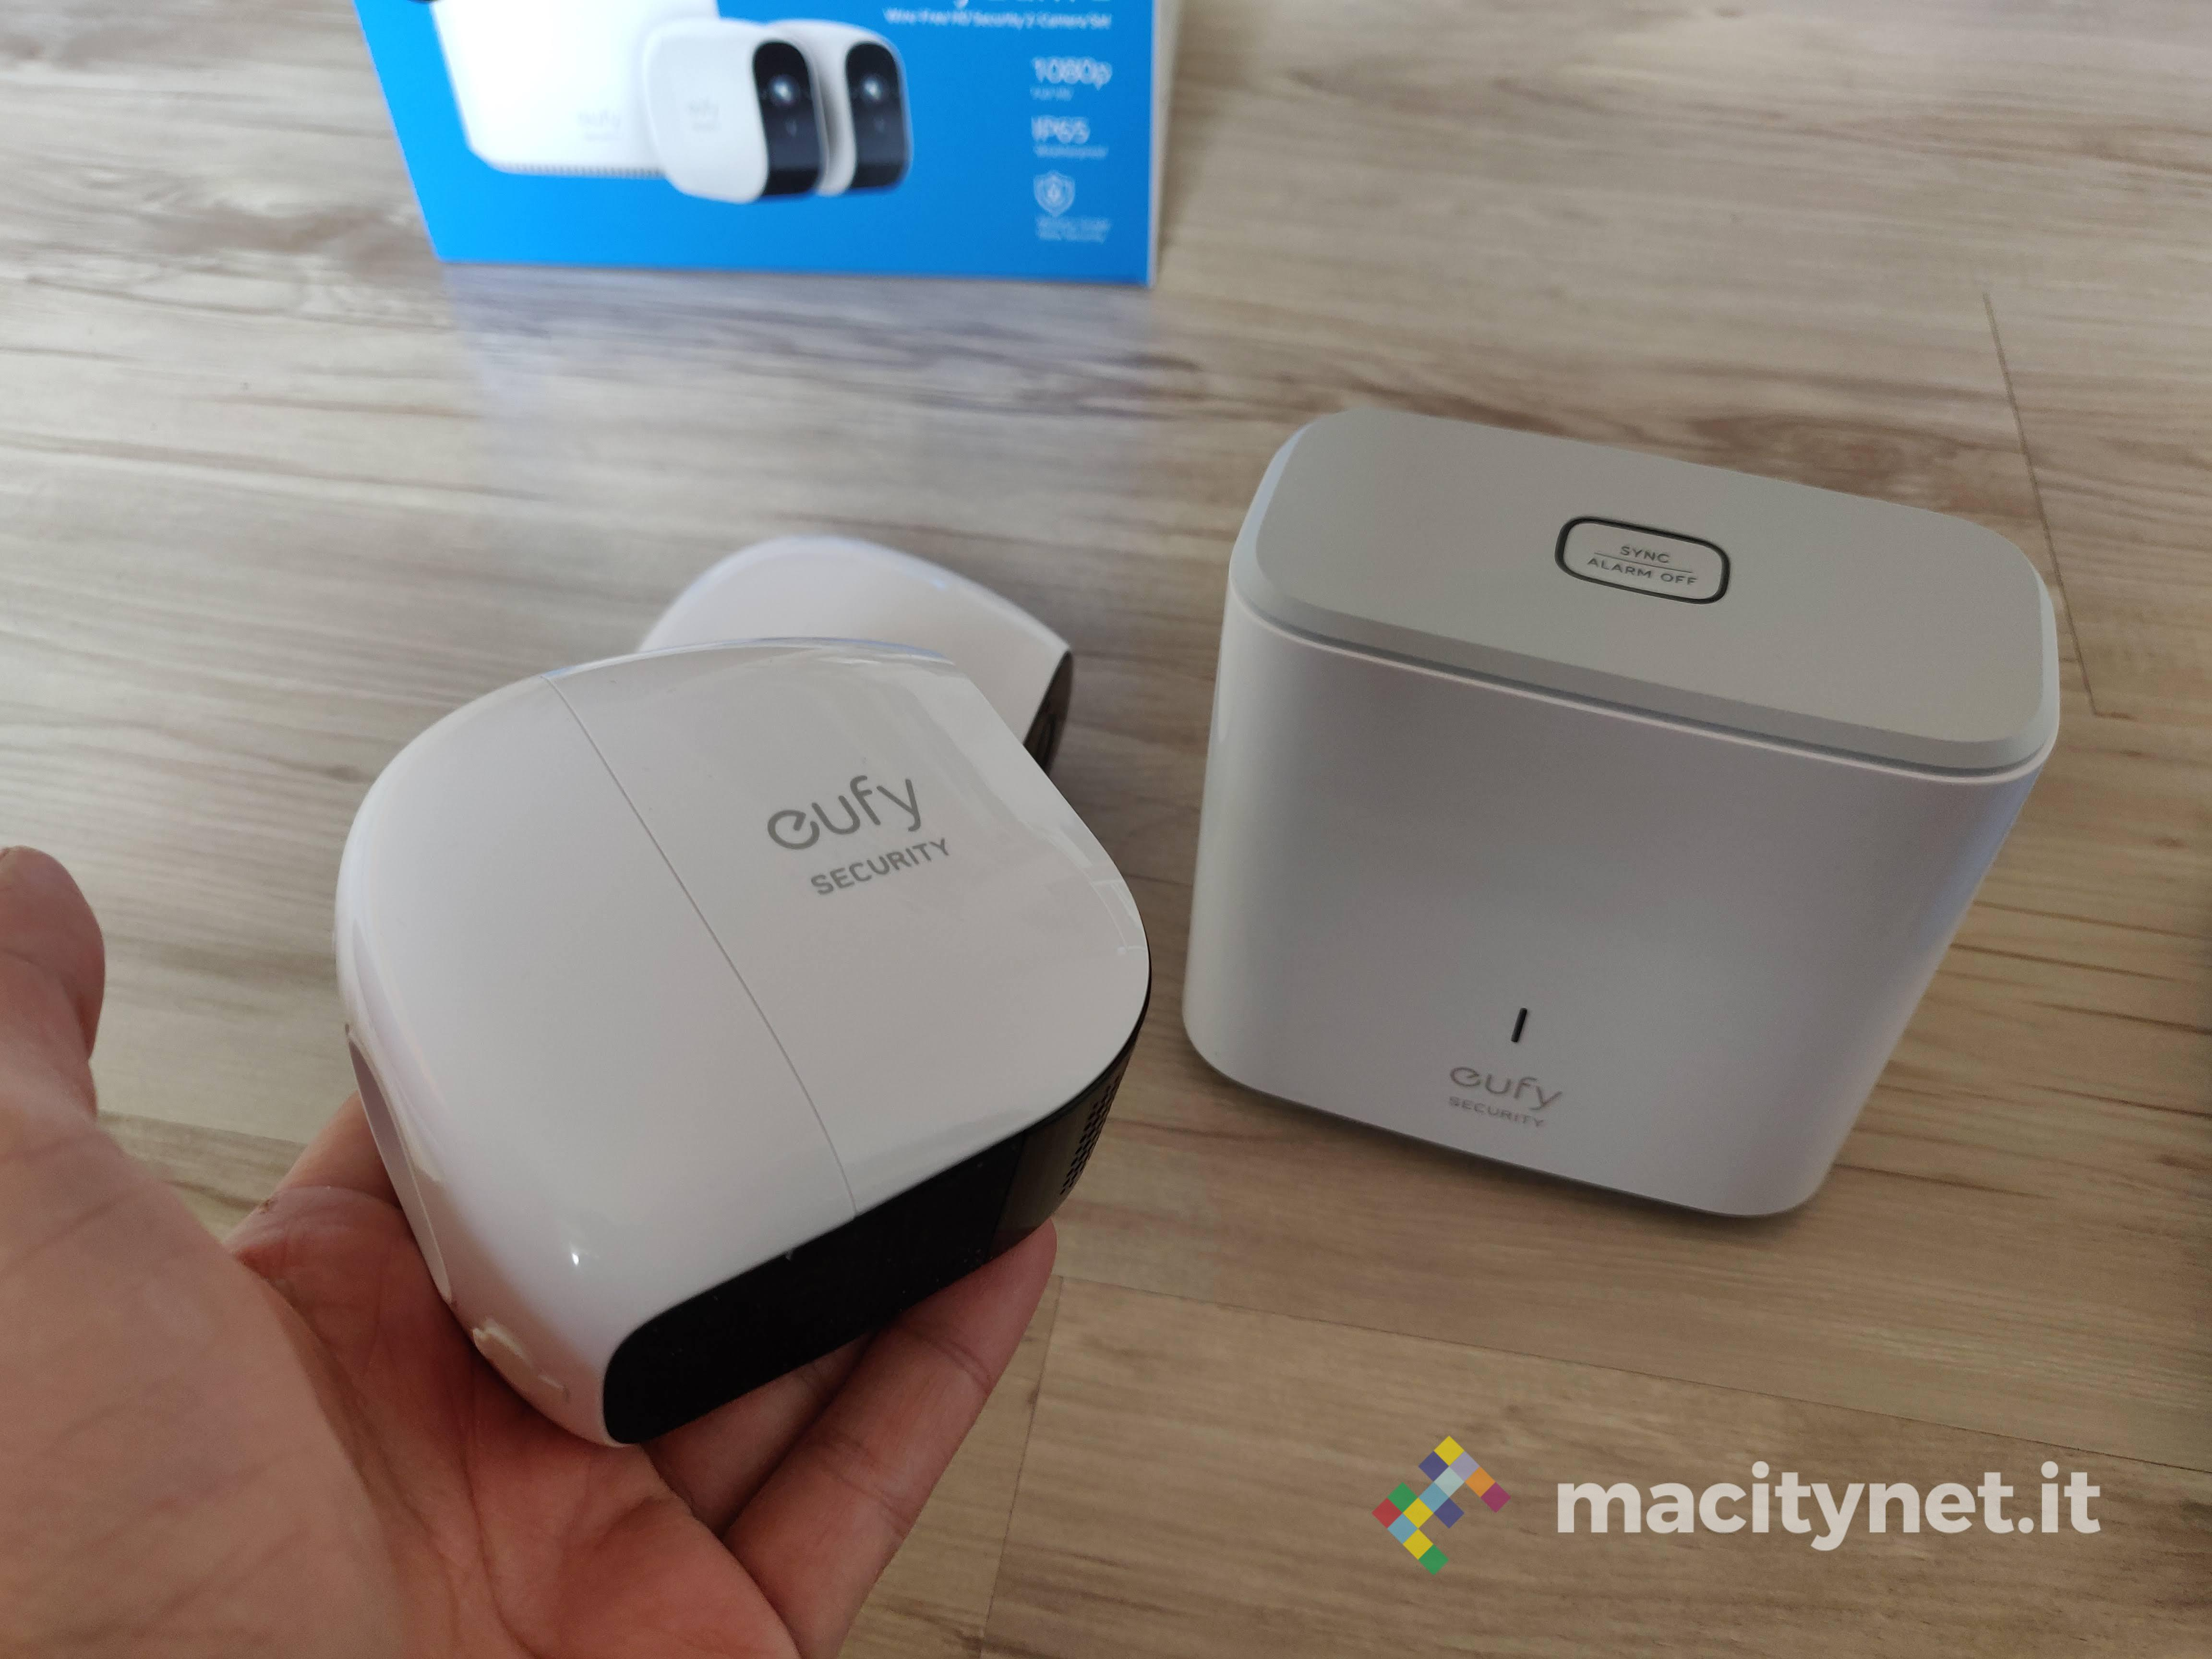 Recensione Eufy Security, il sistema di videosorveglianza domestica dall'autonomia infinita